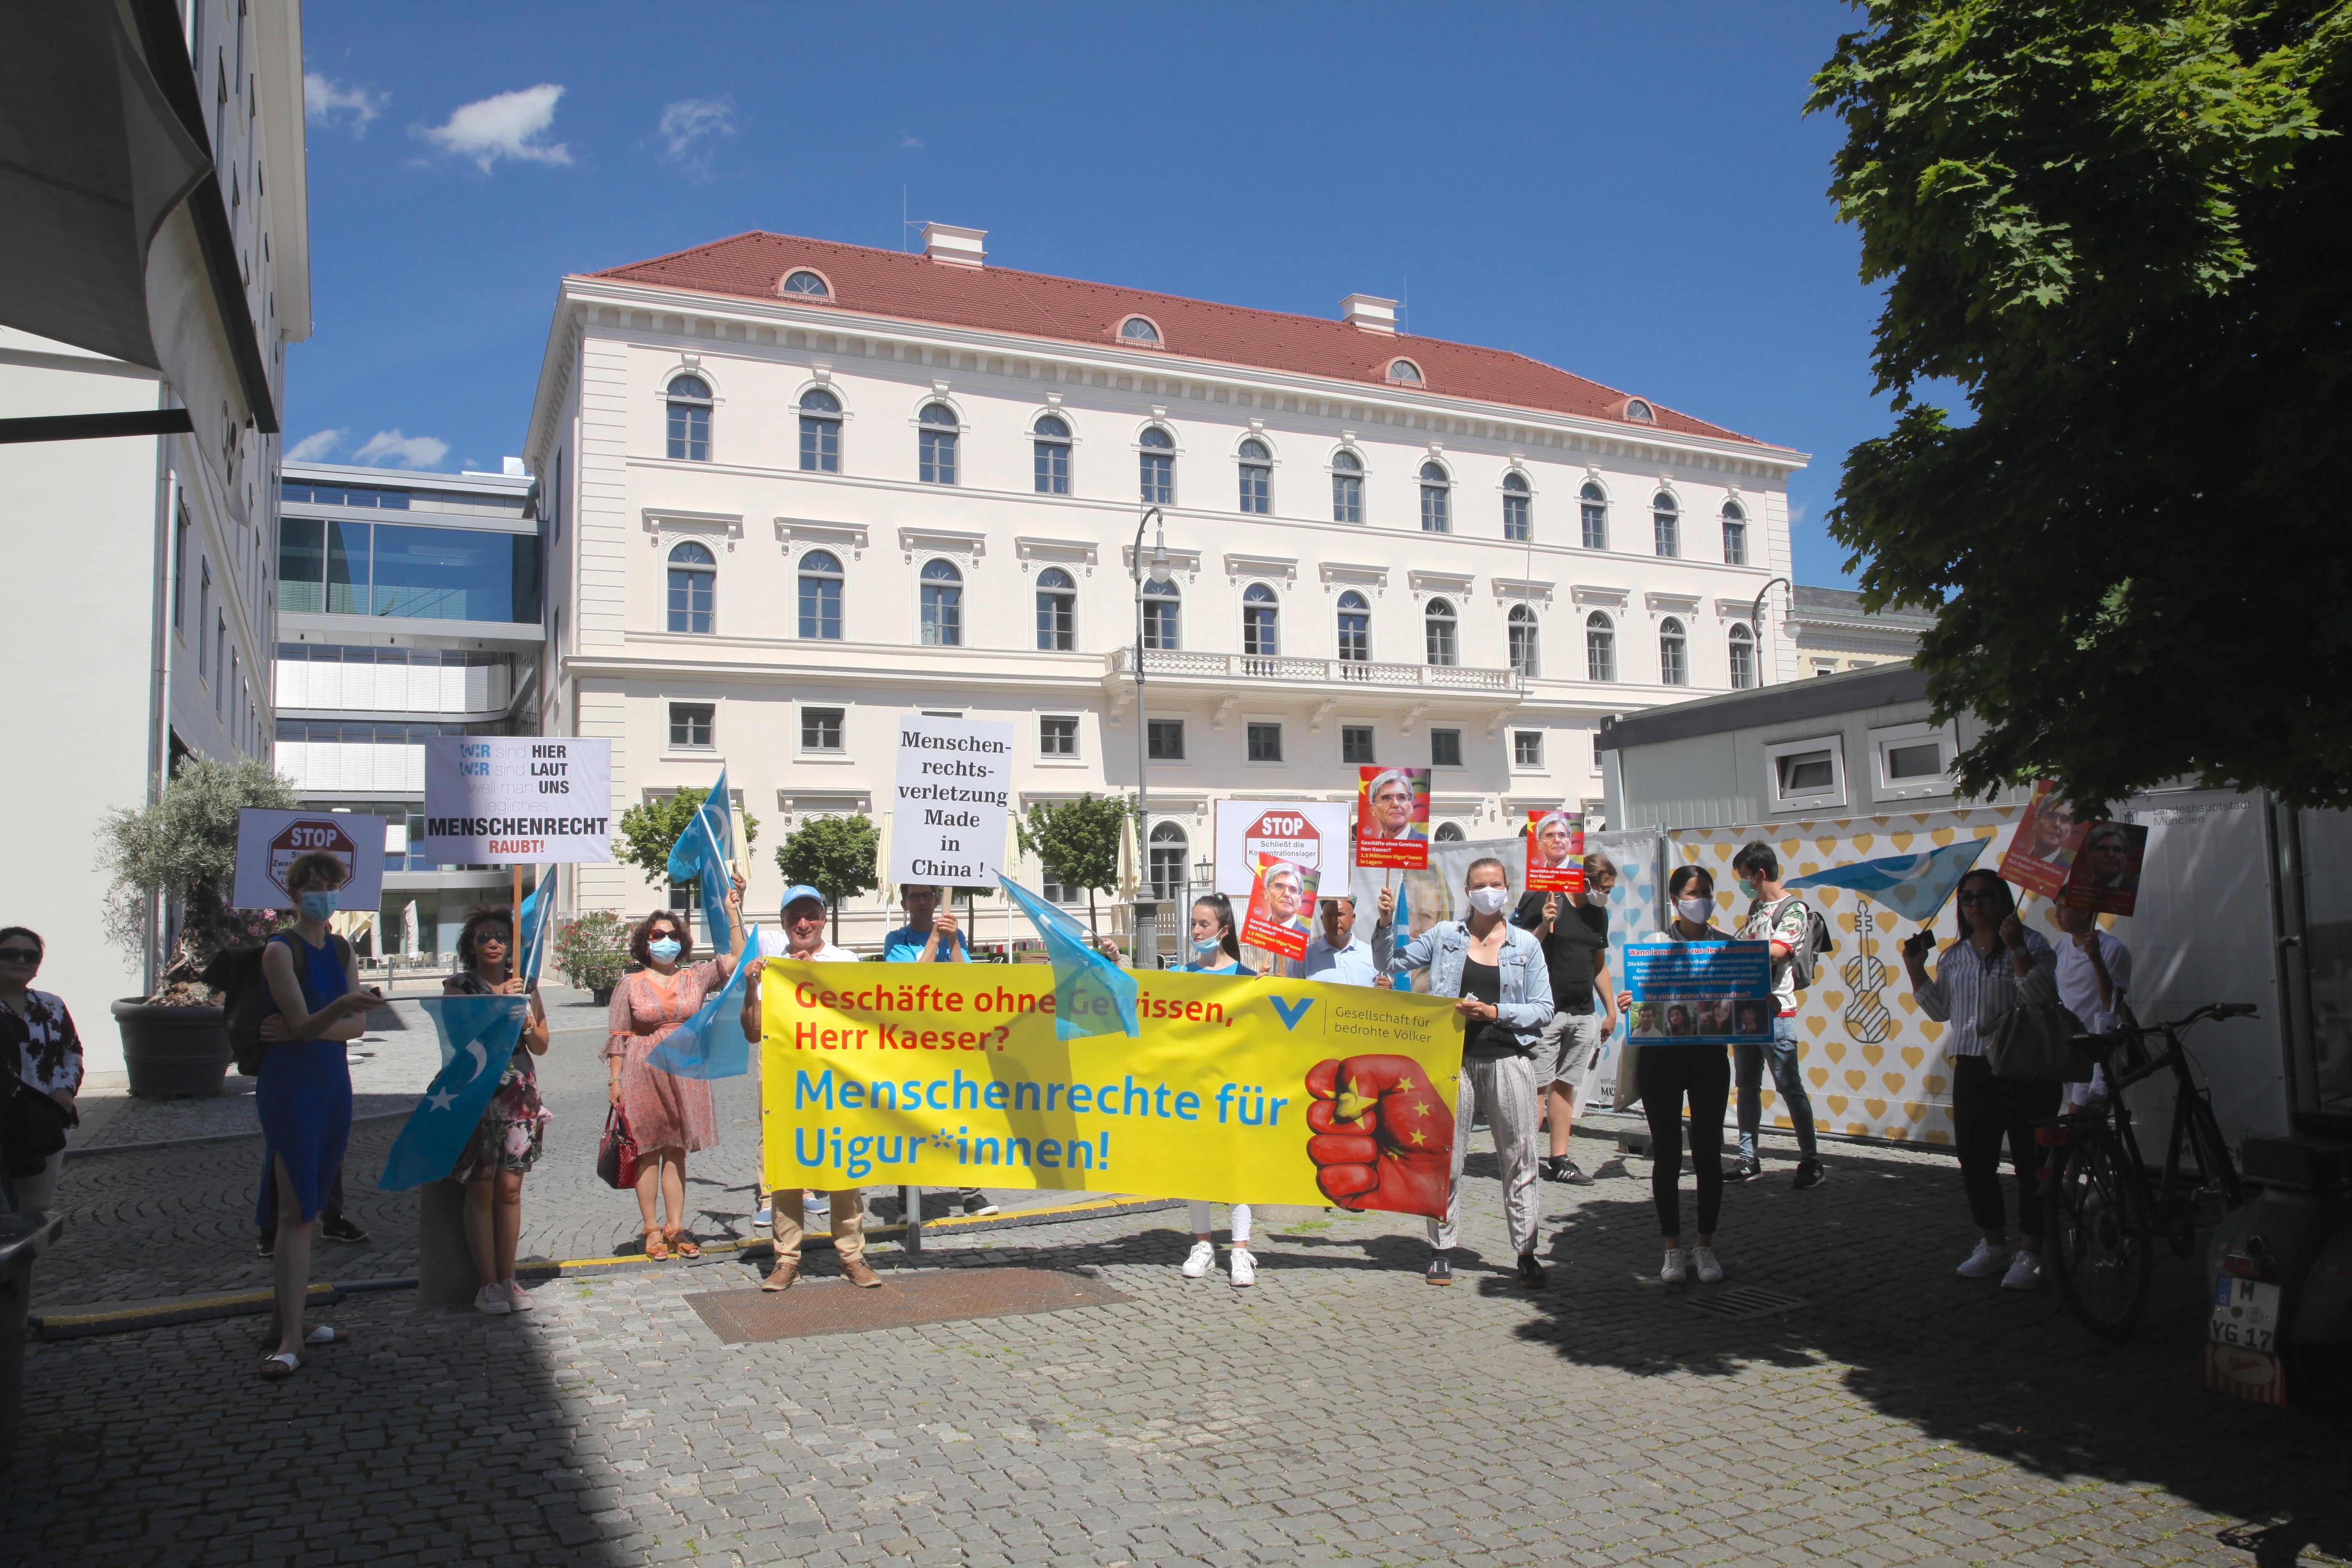 「為了被脅迫民族協會(GfbV)」和世維大會於2020年7月27日在德國慕尼黑西門子總部前抗議,西門子與「中國科技電子集團」有合作,該公司也製作一款監控應用程式。很多維吾爾人被送進再教育營。(黃芩/大紀元)